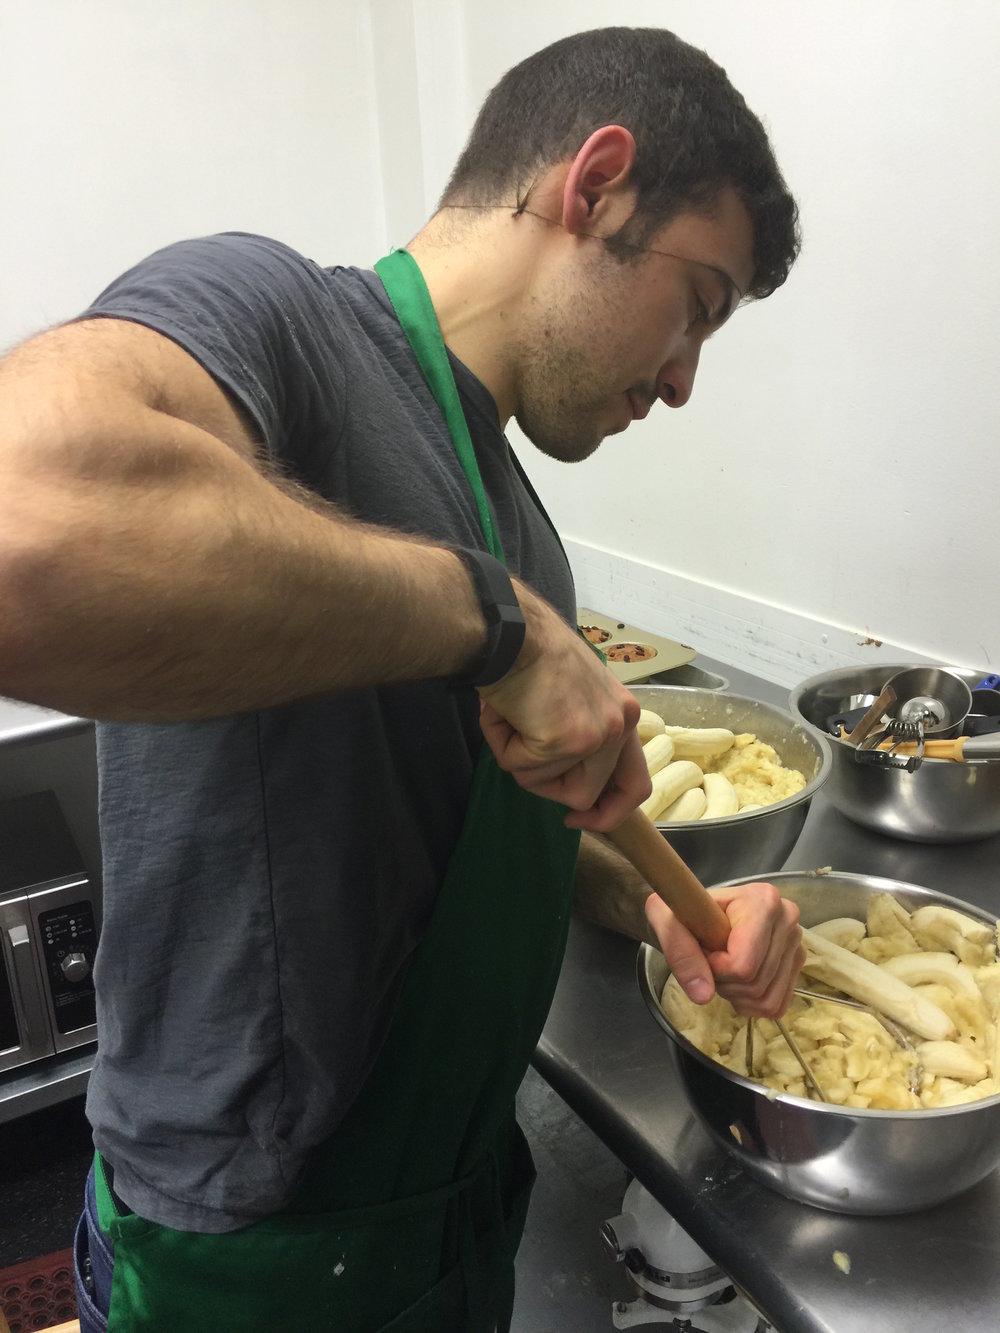 Zach Baking Muffins